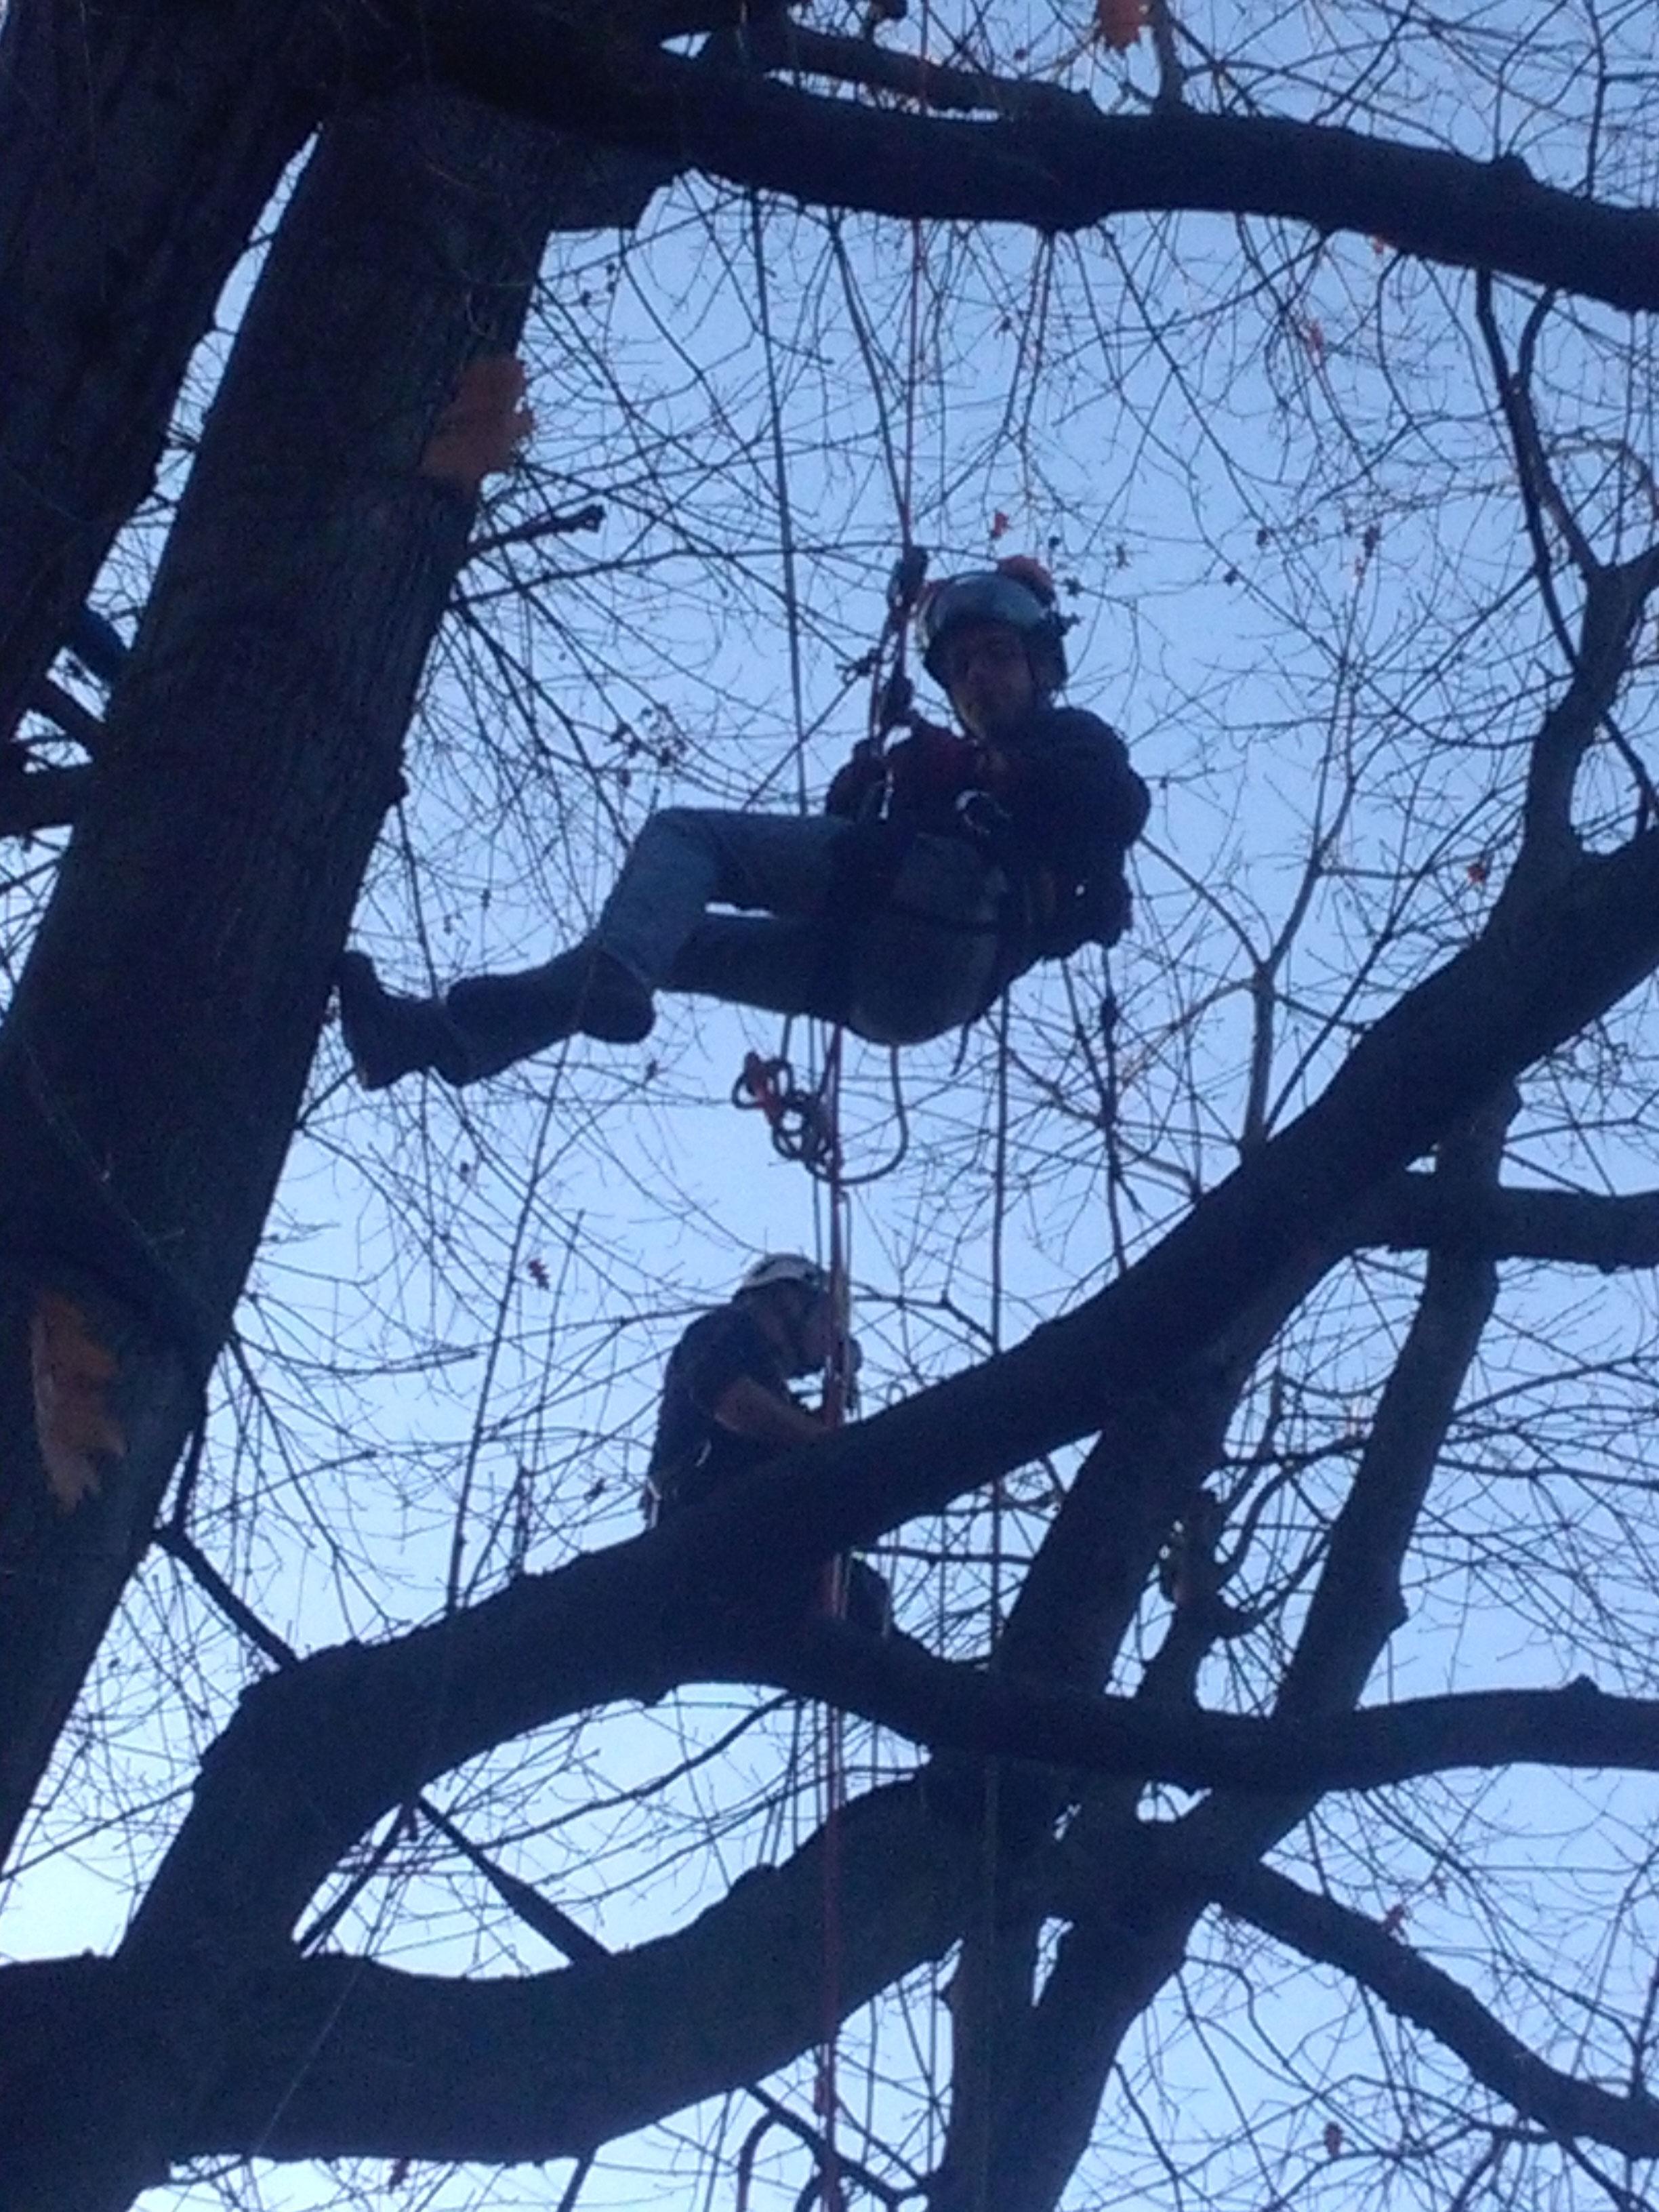 un uomo con un elmetto che sta scendendo da un albero con una fune